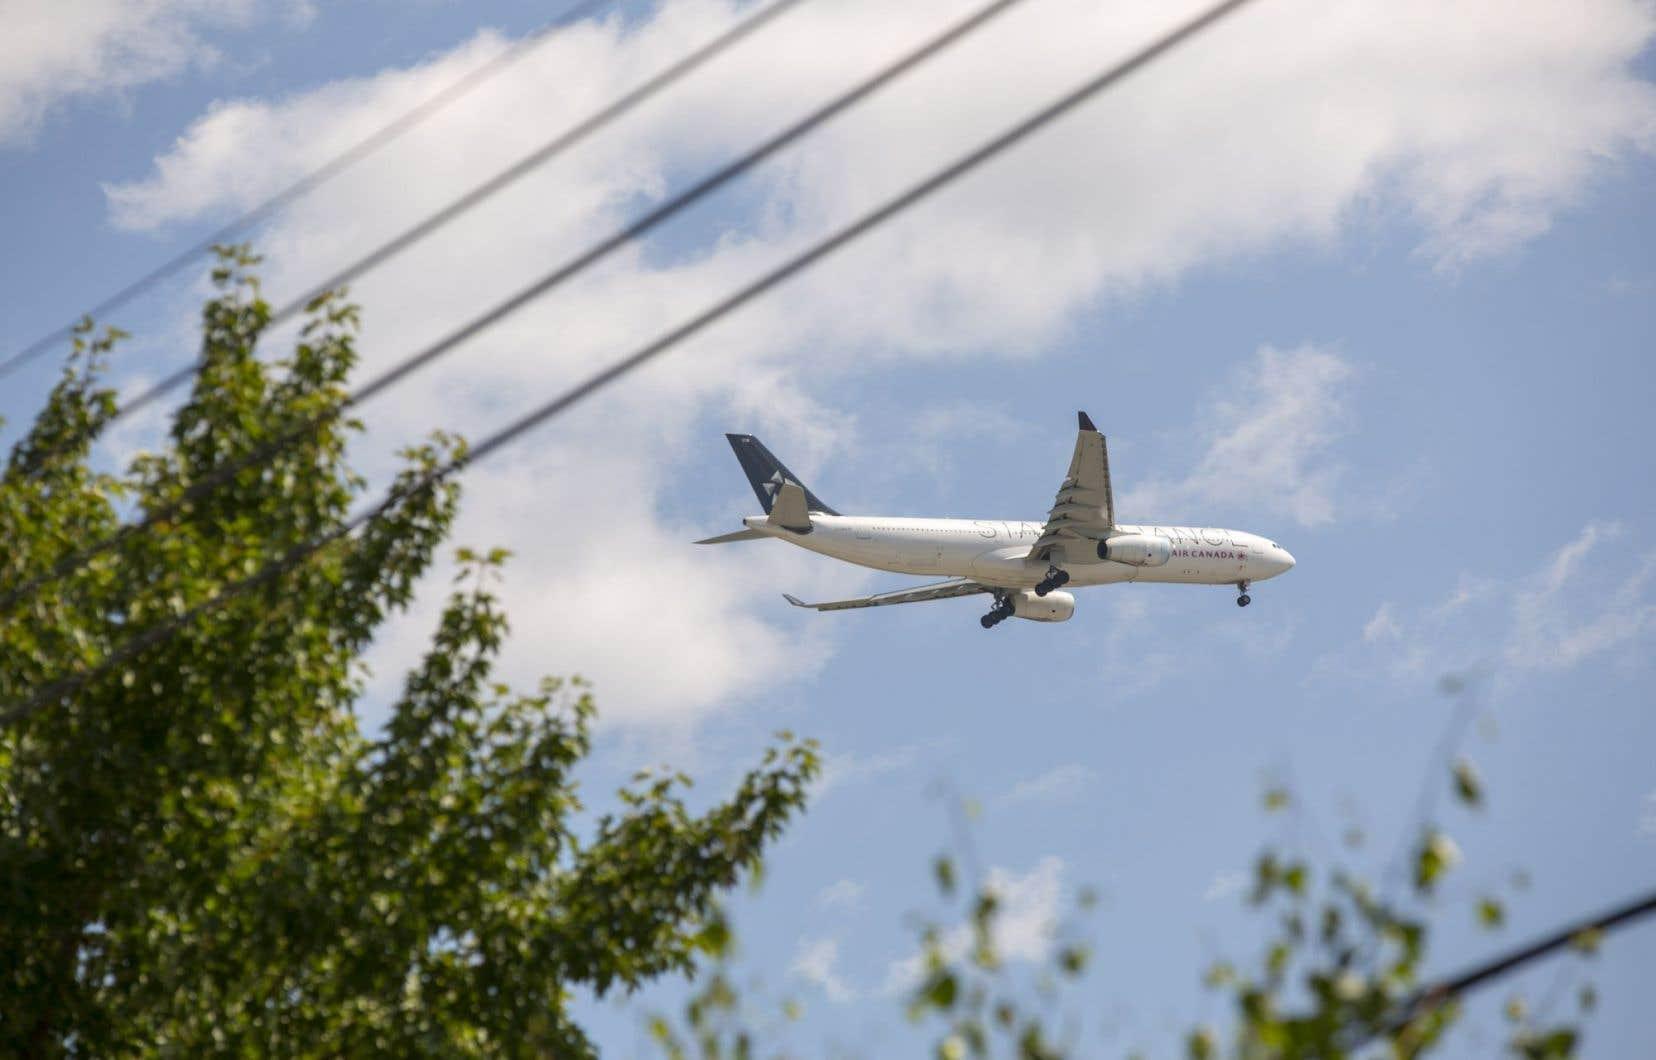 Une étude révèle qu'au moins 640000 personnes ont été exposées en 2014 à des niveaux de bruit environnemental nuisibles. Les transports en restent la source principale, l'aérien étant le plus dérangeant.